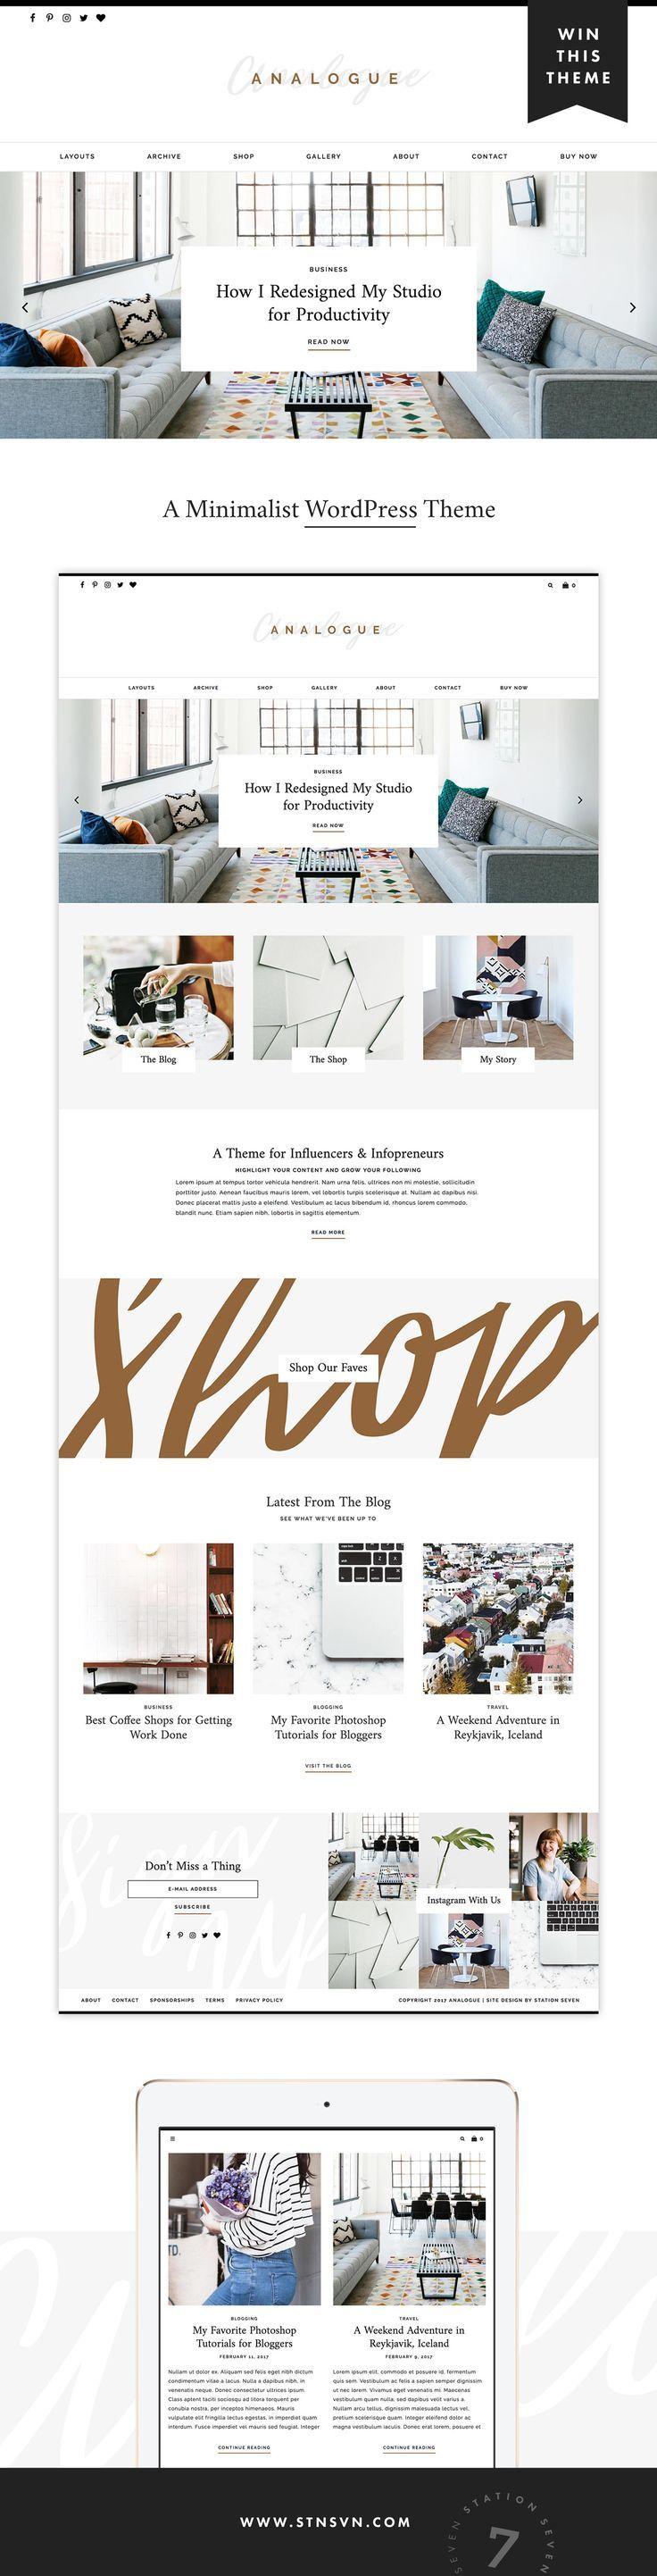 200 best website inspiration images on pinterest website designs